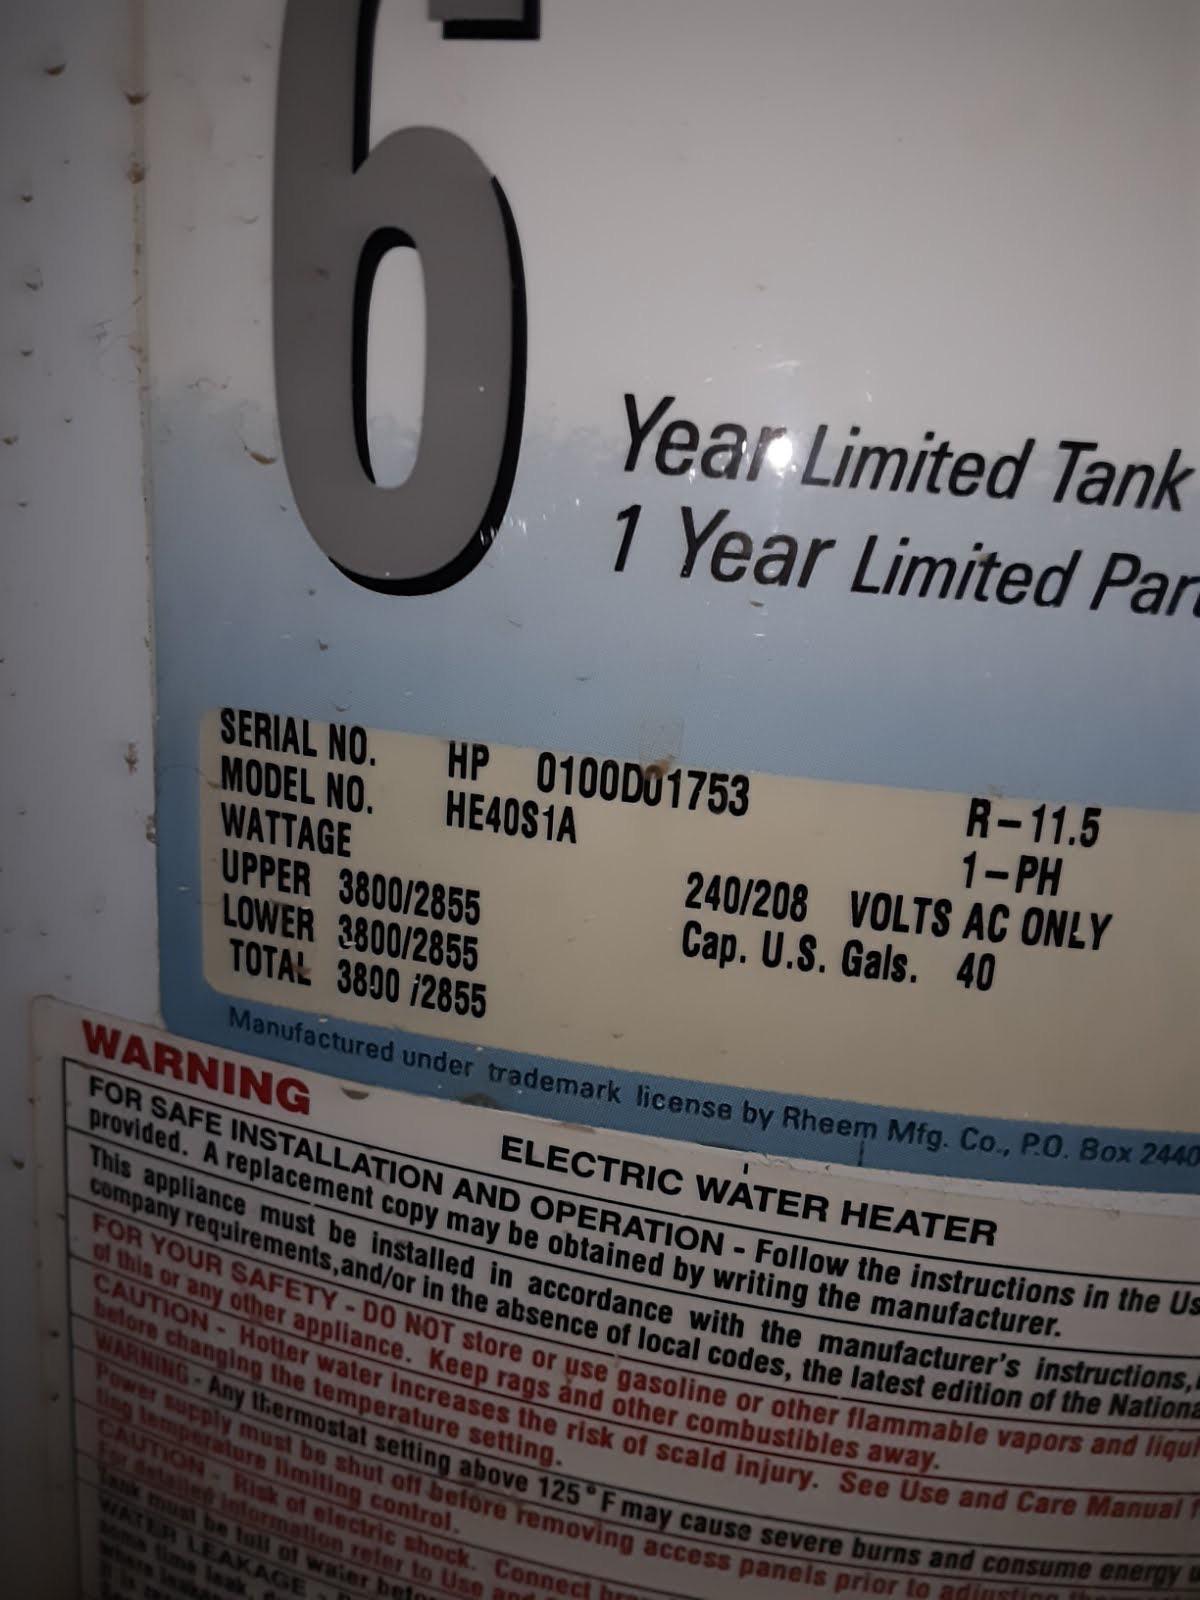 Ge Water Heater Serial Number : water, heater, serial, number, According, Website,, Water, Heater, 1973..., Can't, Right?, Plumbing